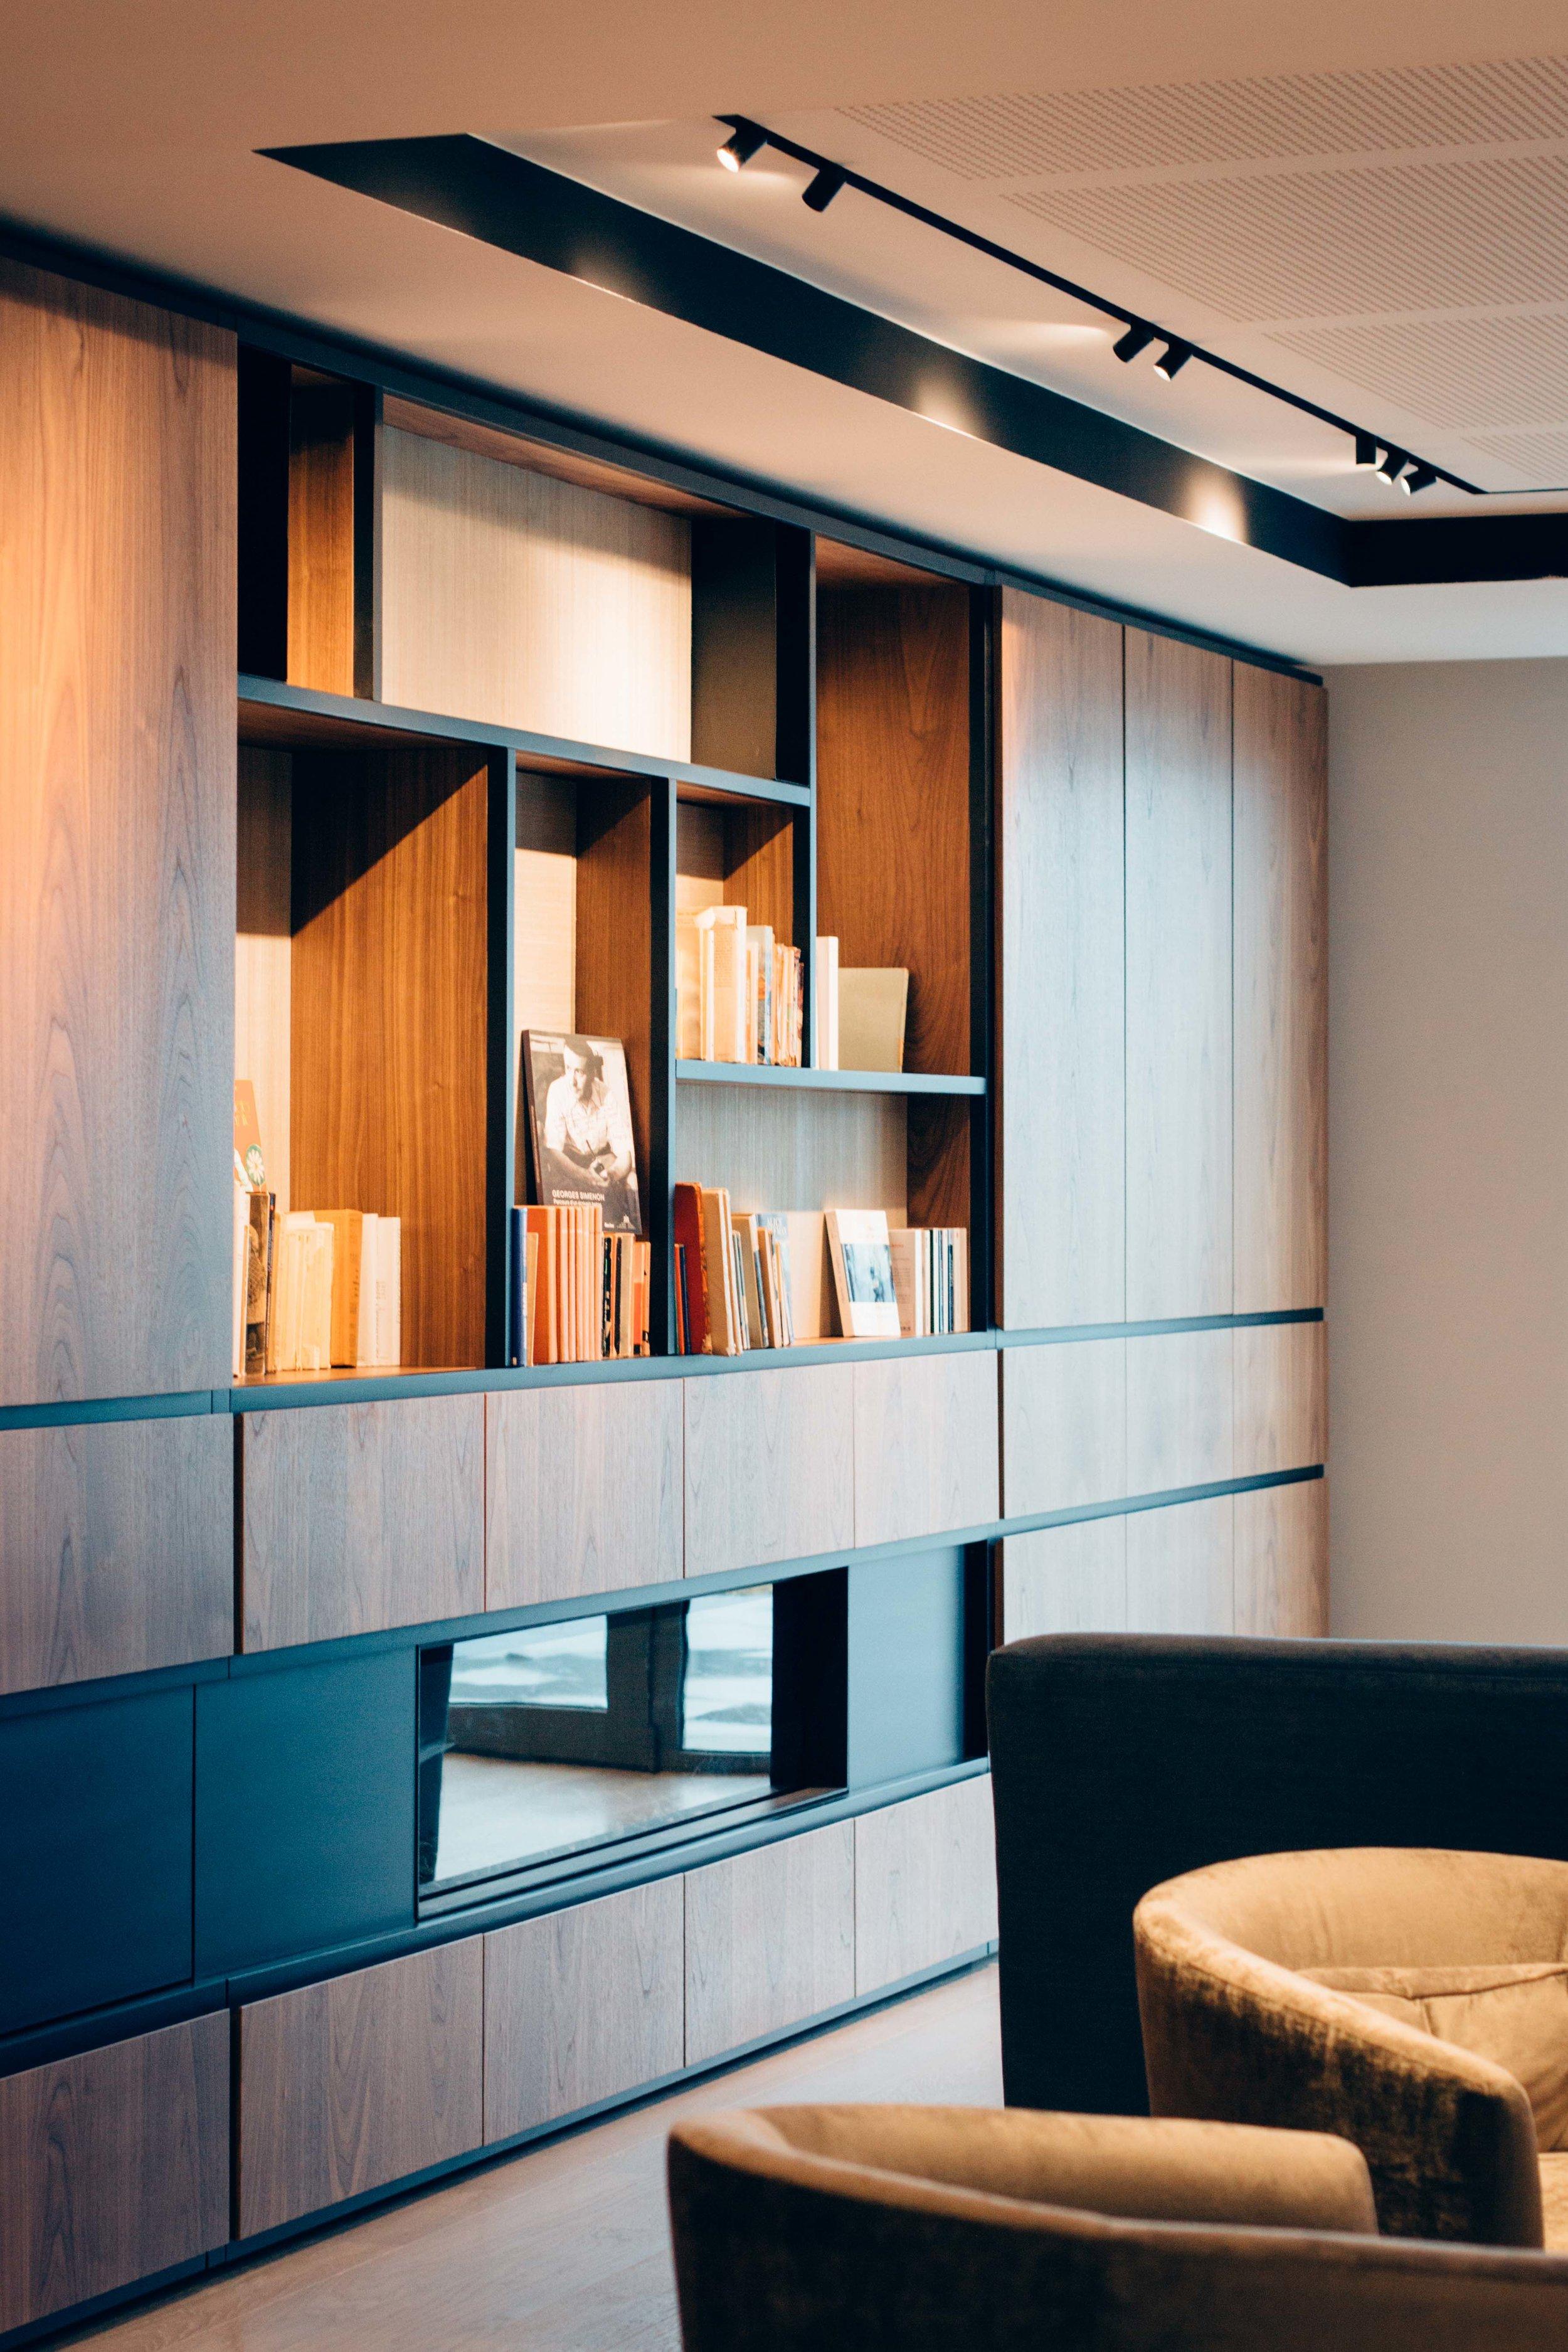 Supportive Housing 'Le Val de Lasne'  - Bar -Library detail / détail bibliothèque